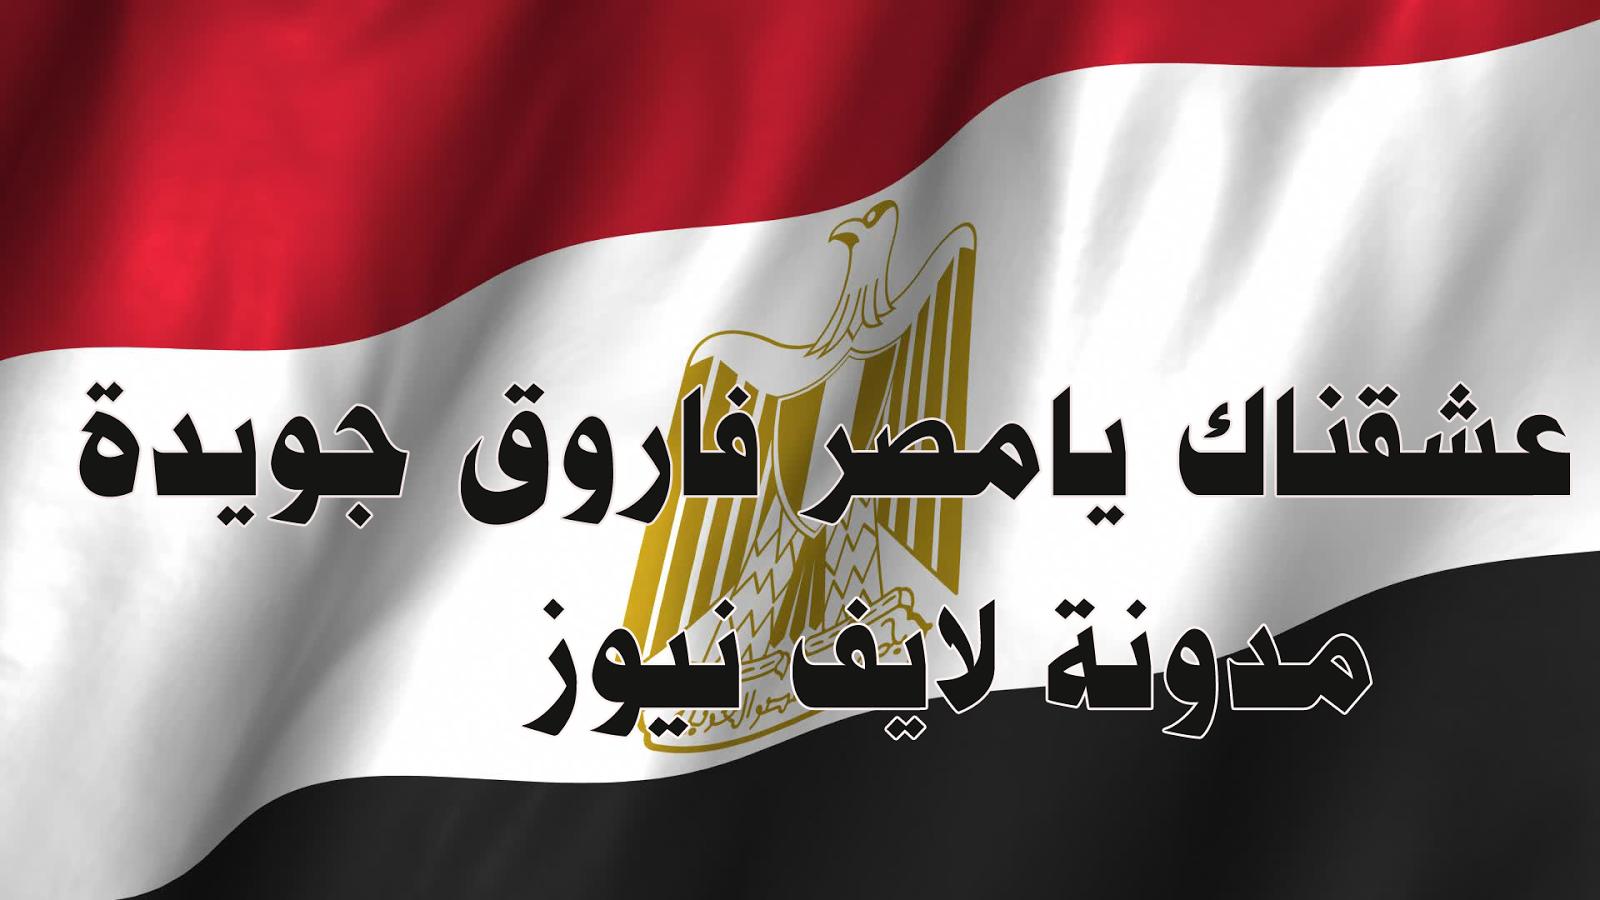 شرح نص عشقناك يا مصر فاروق جويدة معاني الكلمات